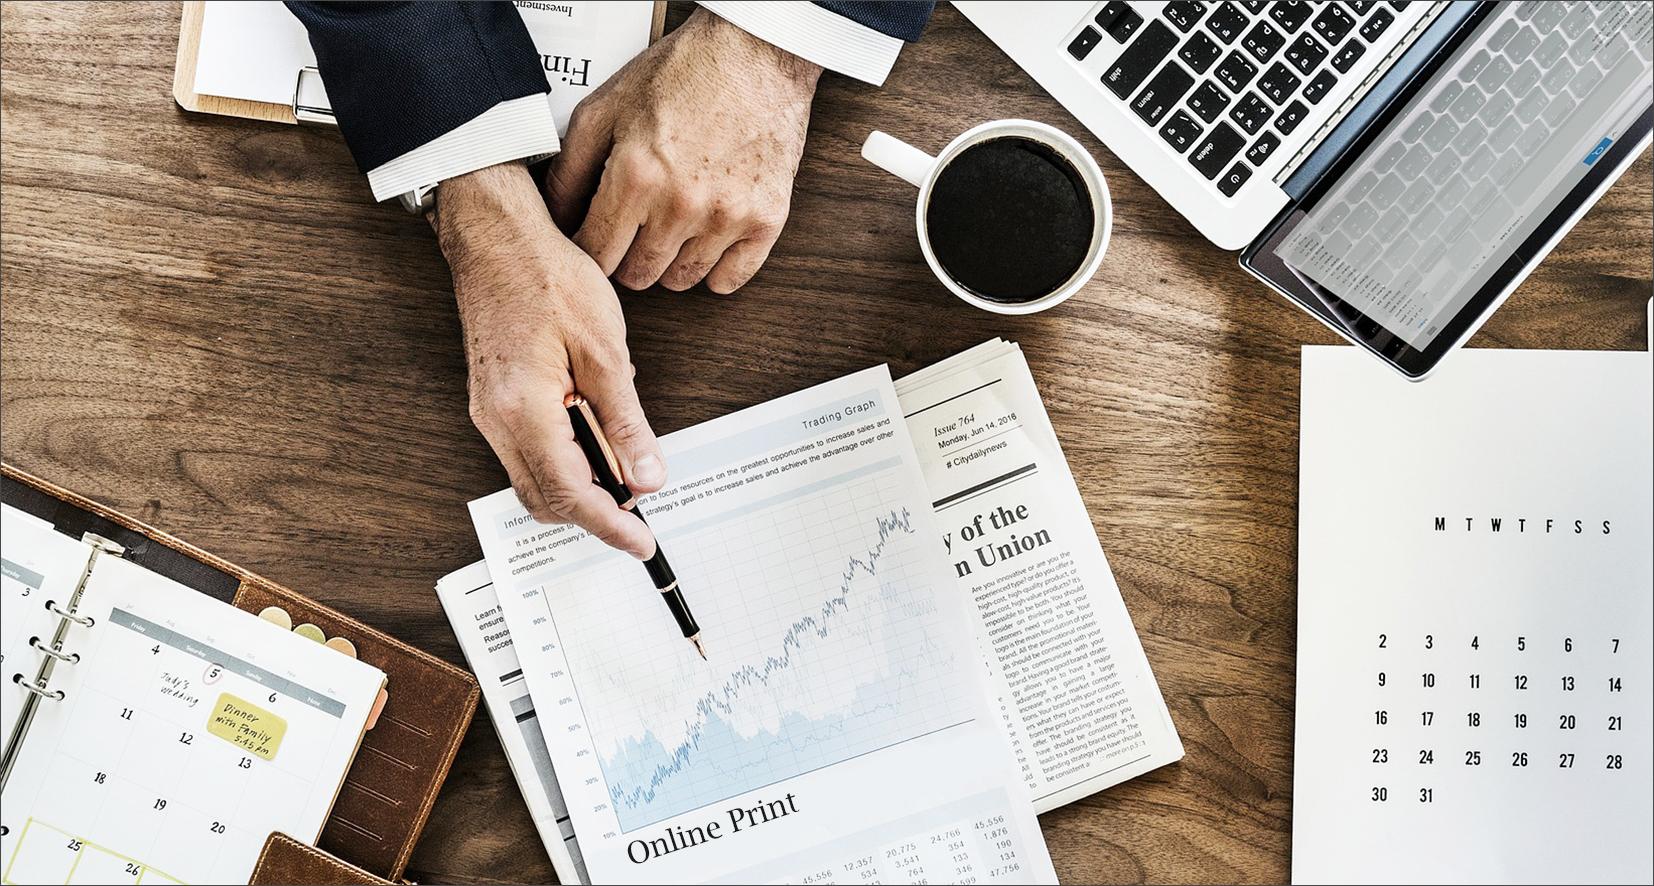 Onlineprint: Ein lohnendes Geschäft auch für branchenfremde Investoren?